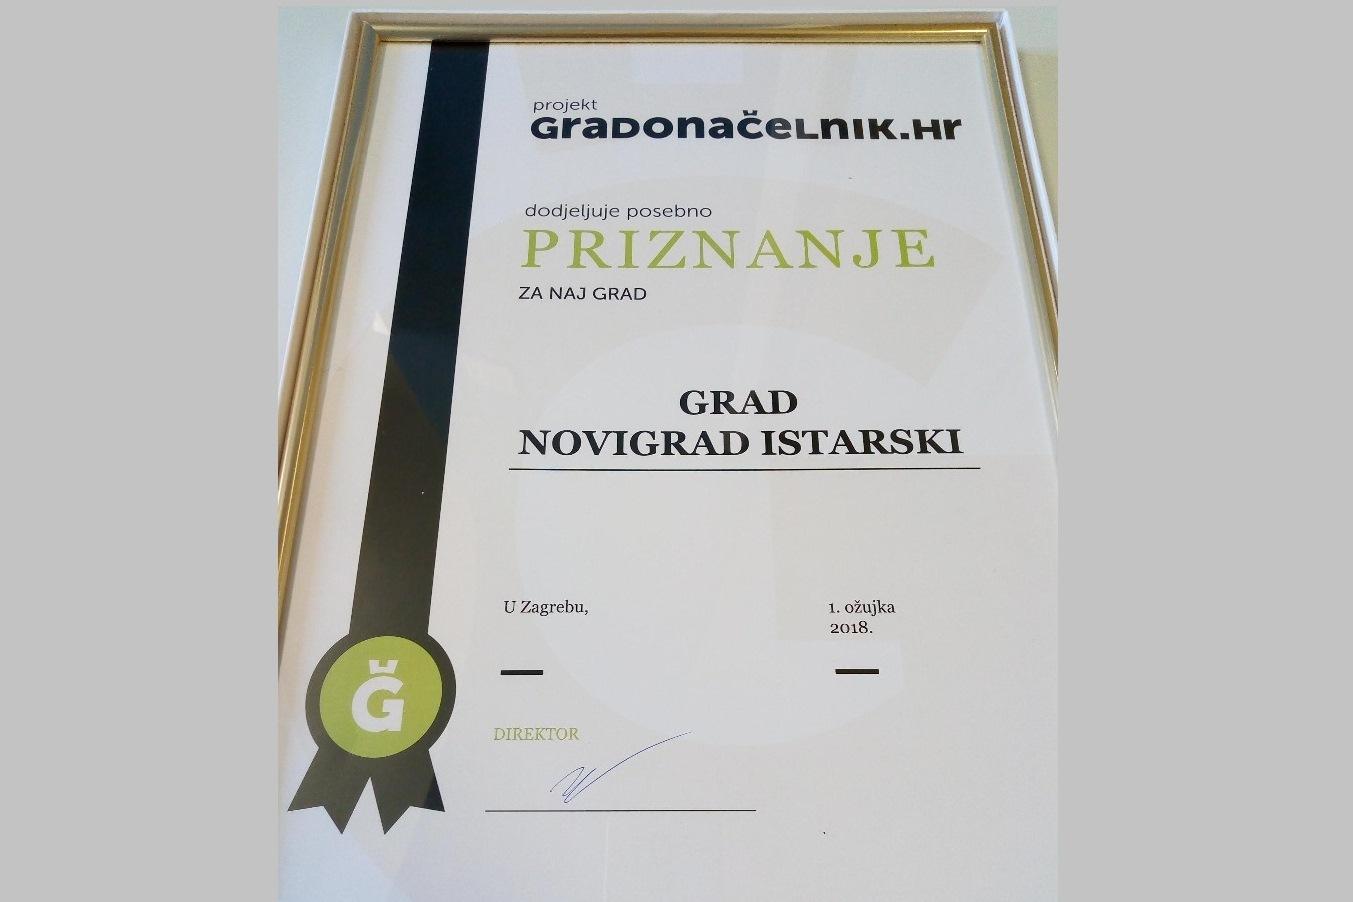 http://www.novigrad.hr/novigrad_proglashen_jednim_od_hrvatskih_naj_gradova